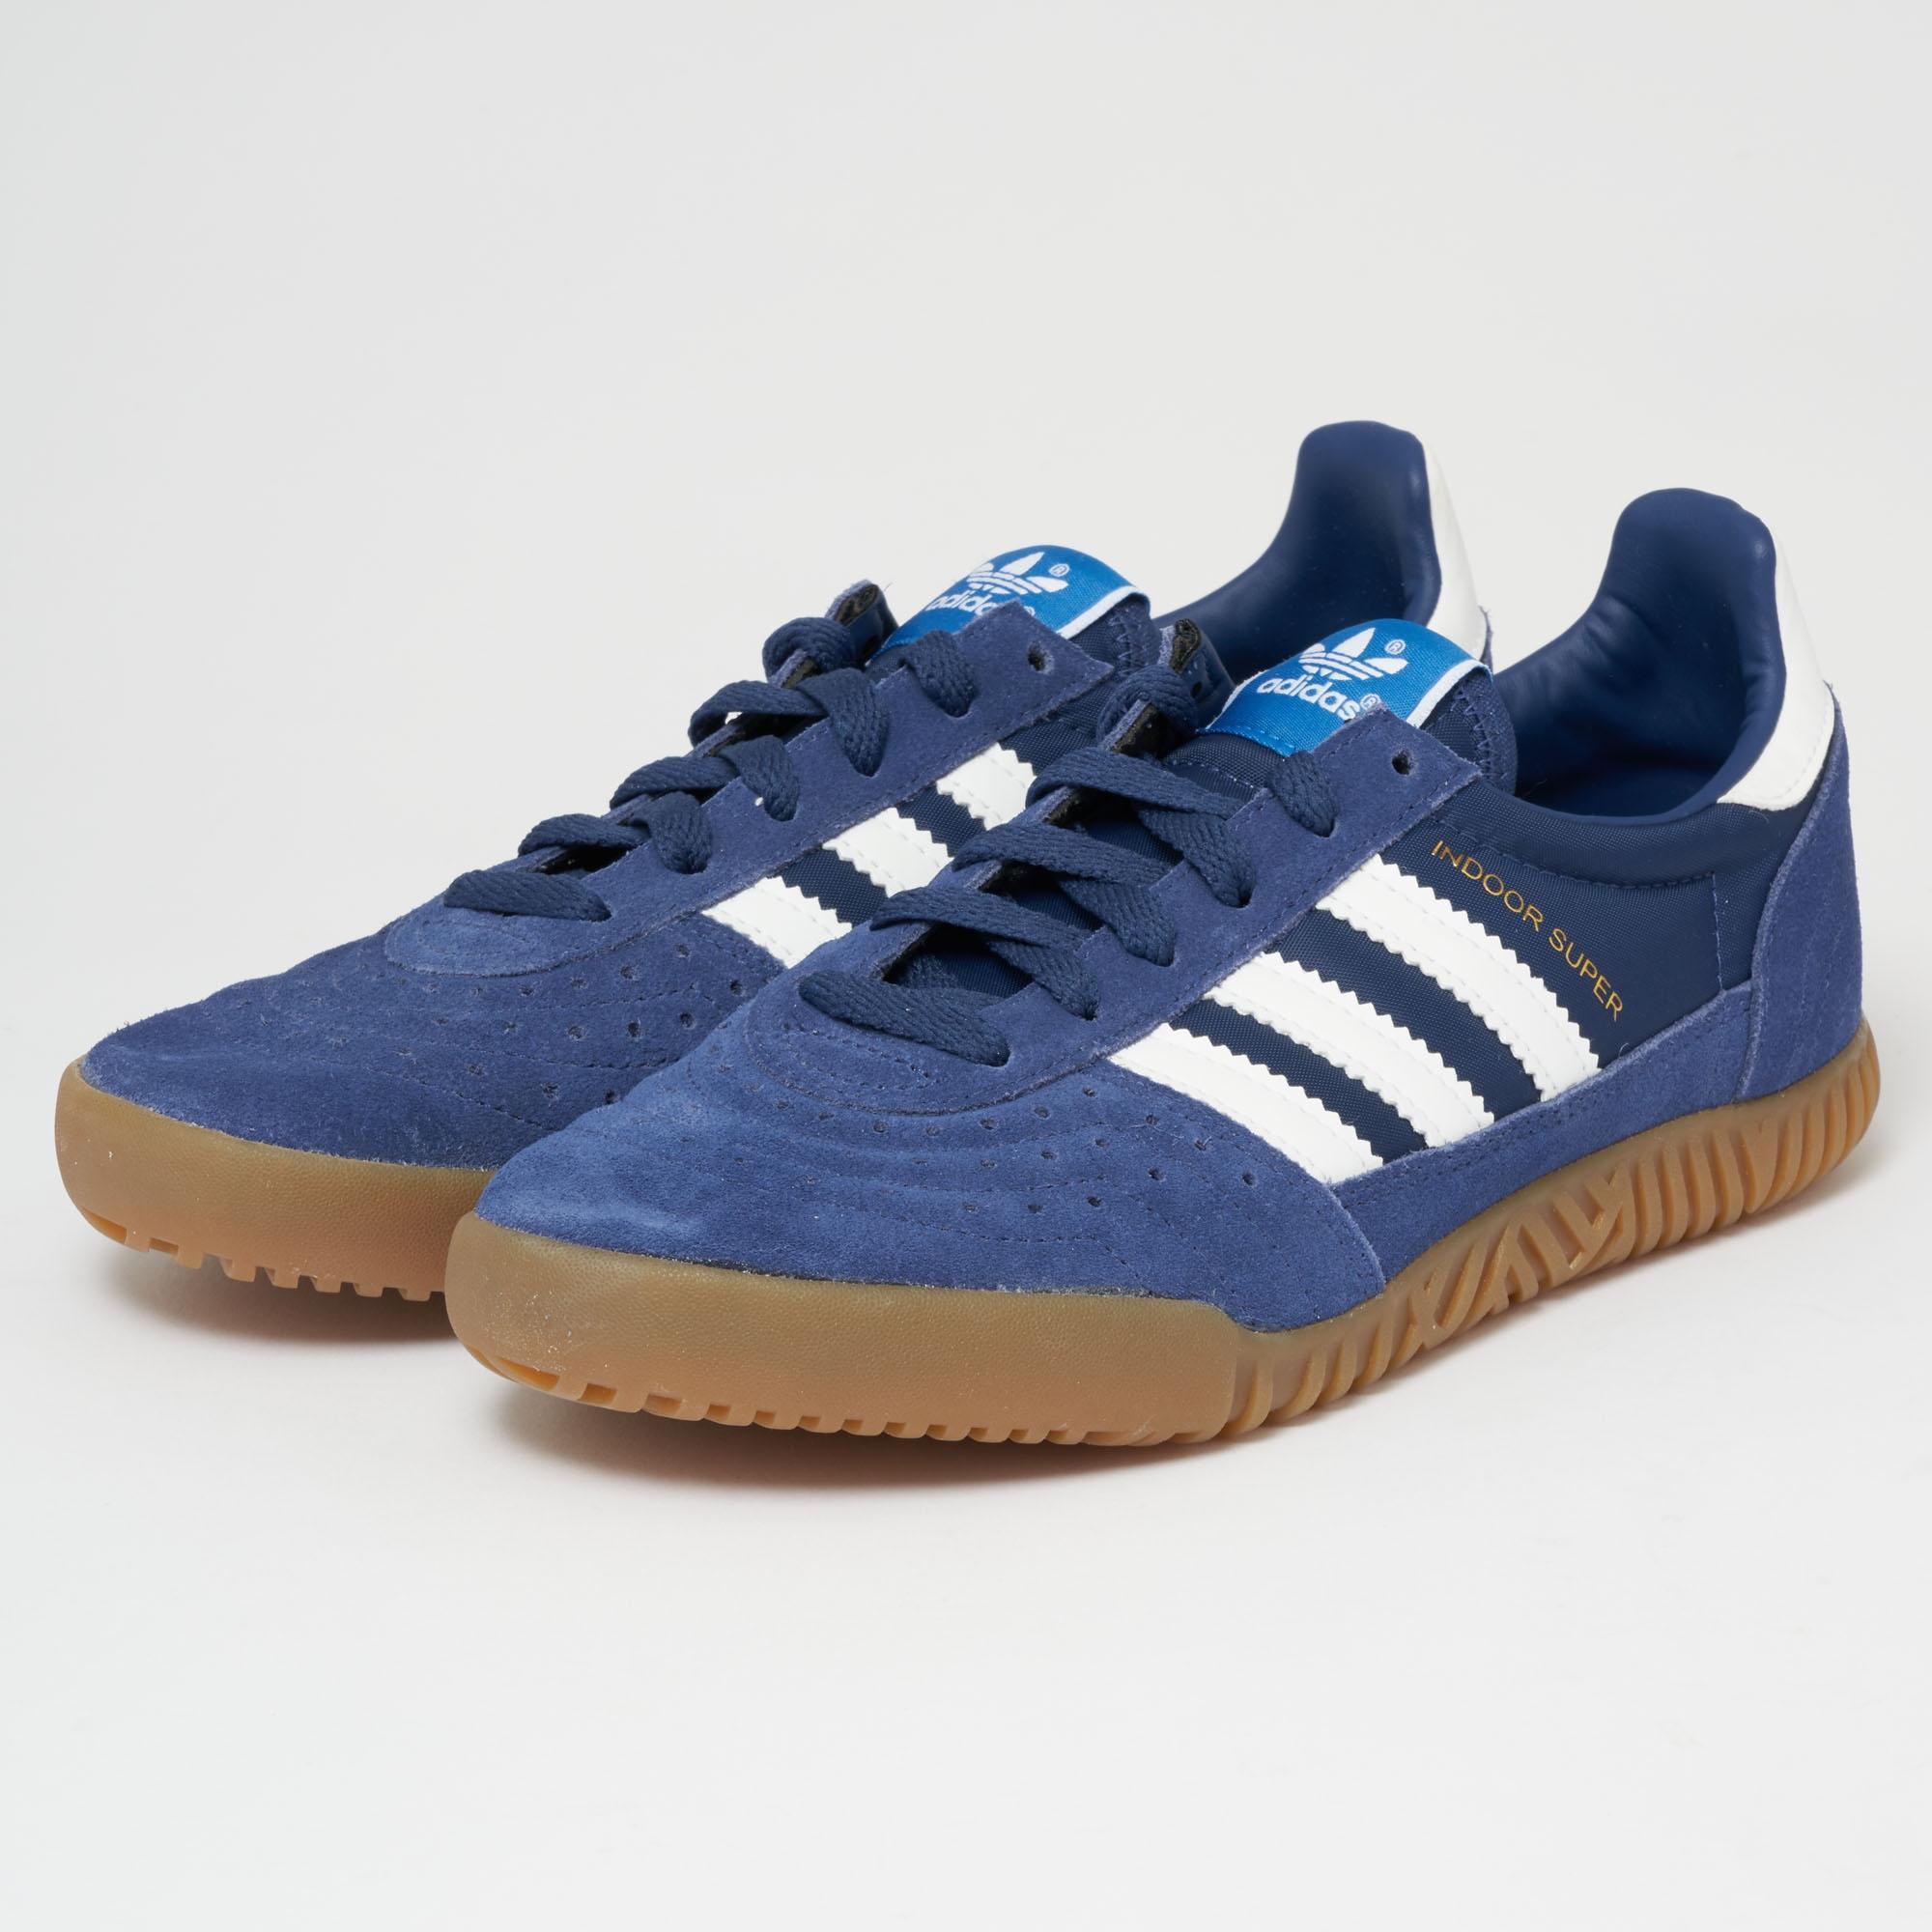 71165f05f3a Lyst - adidas Originals Indoor Super - Indigo